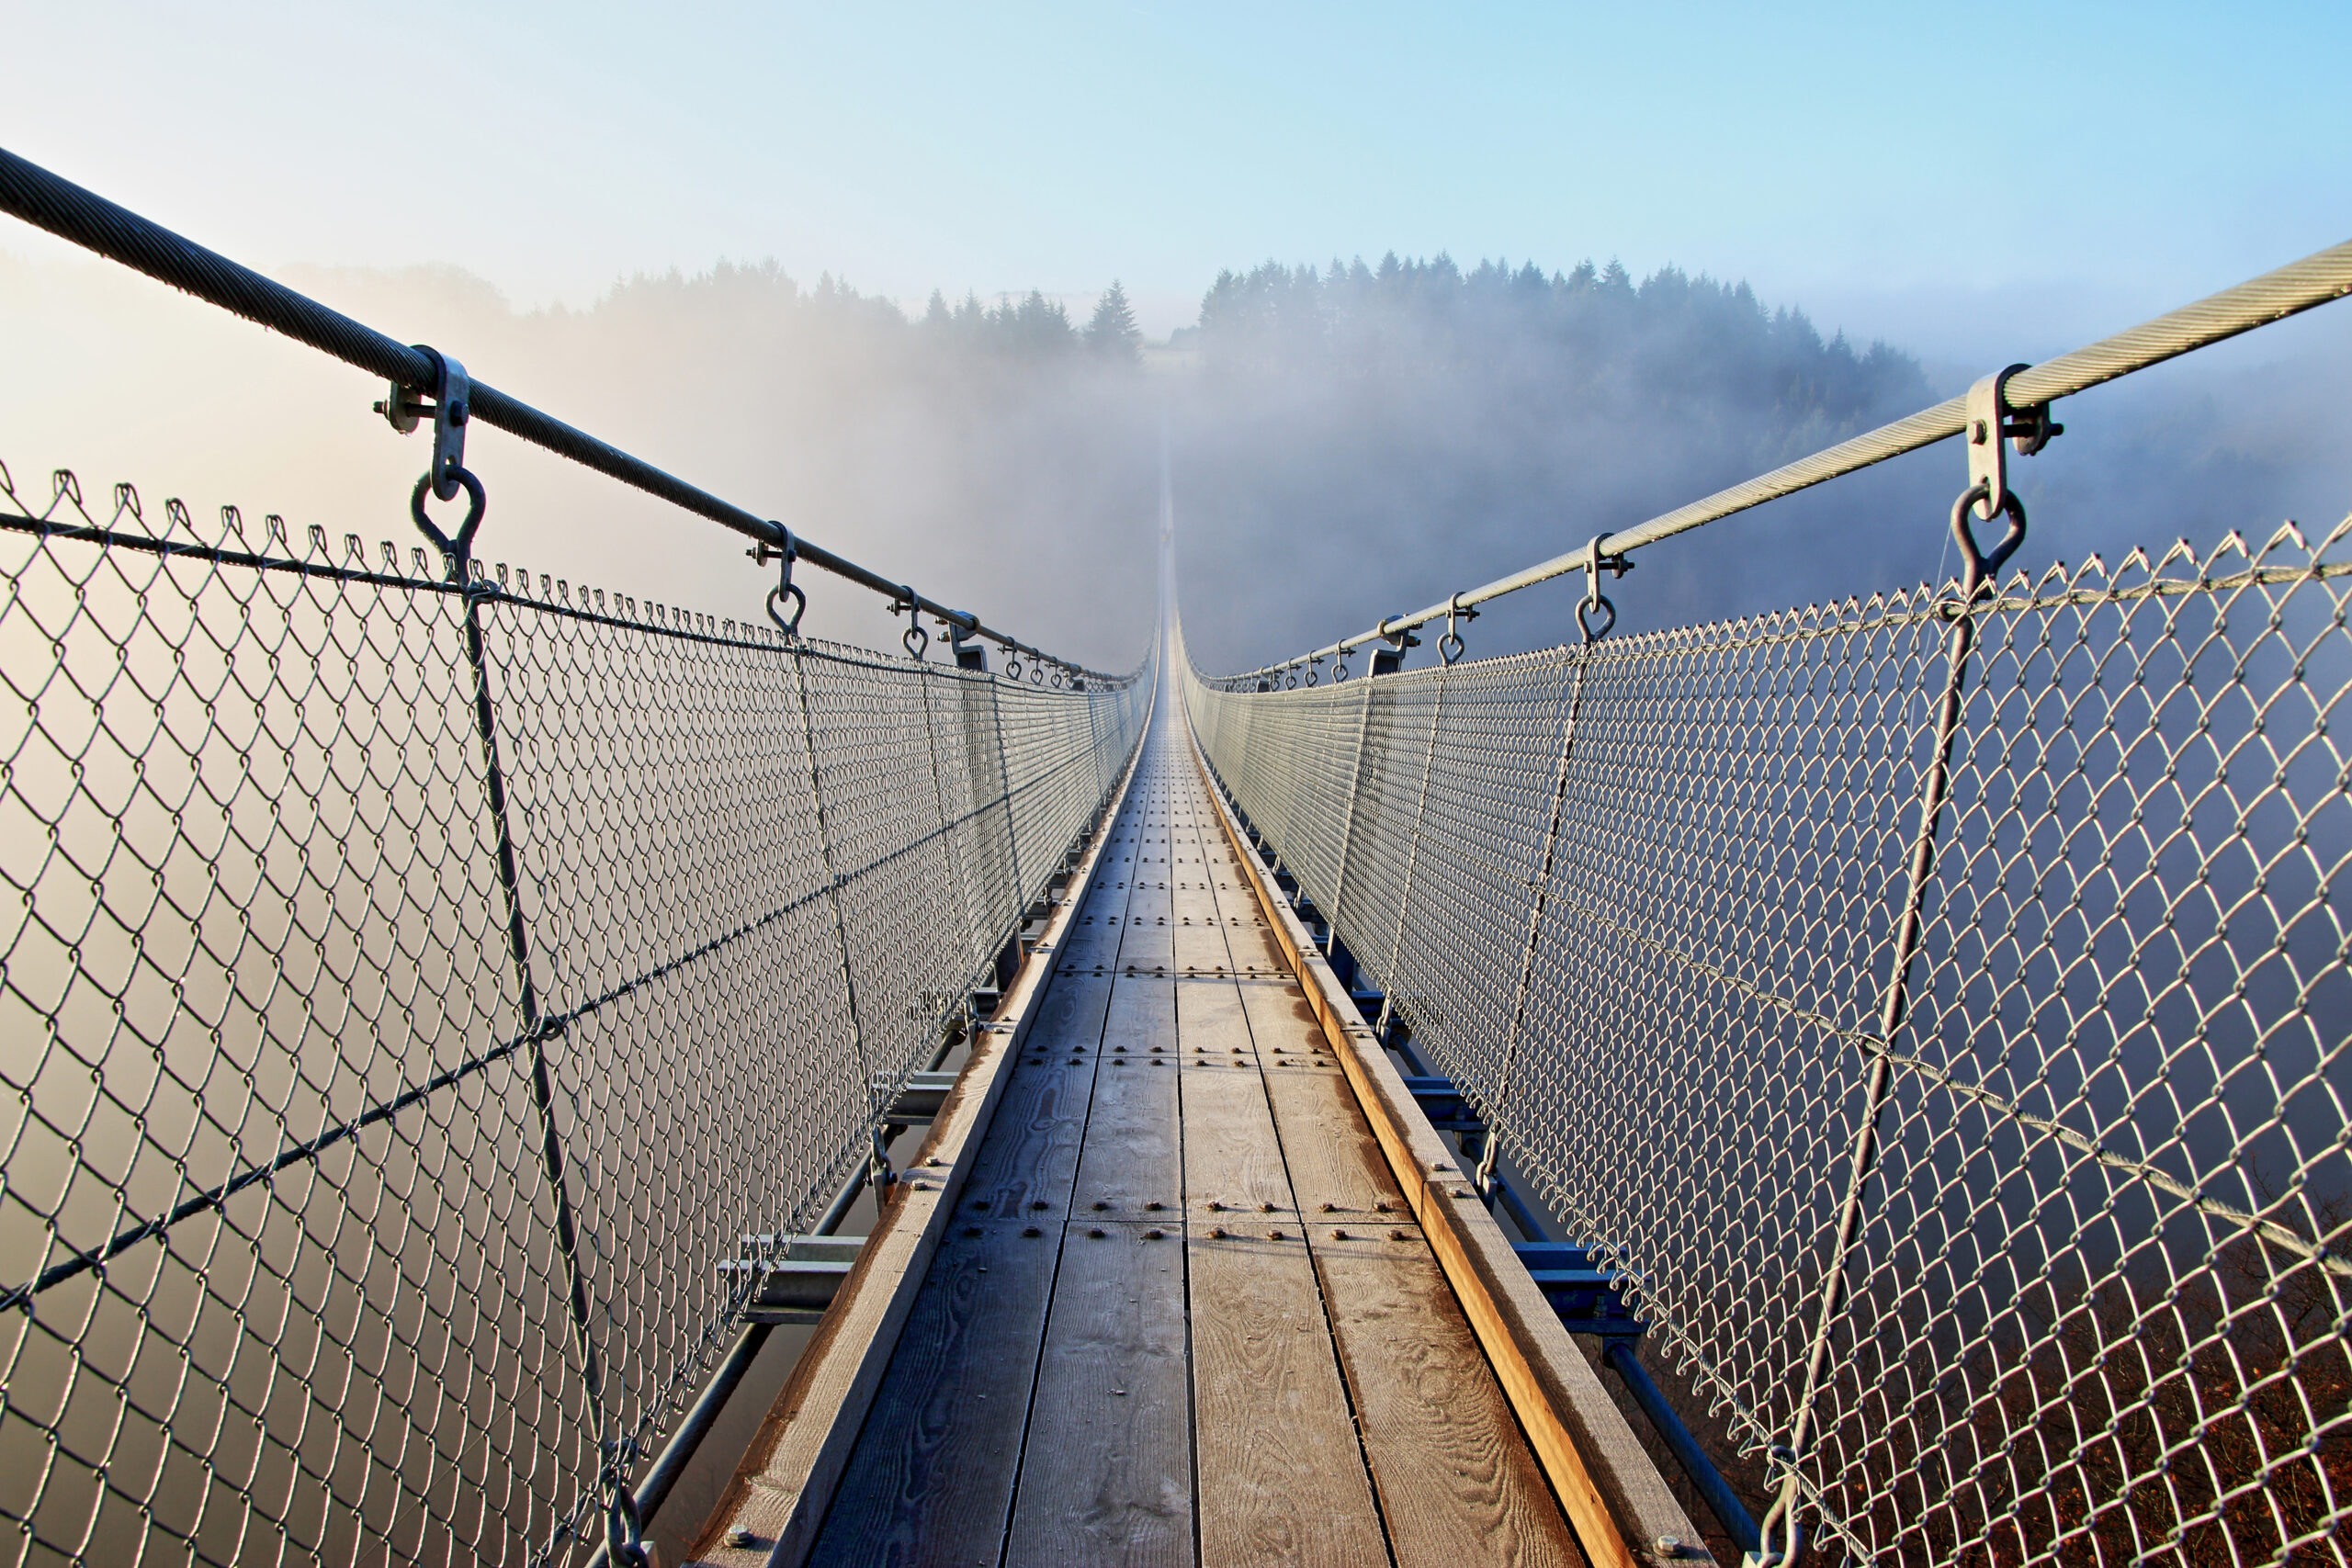 Ziel: Eine Hängebrücke führt auf einen gegenüberliegenden Berg, der im Morgendunst zu sehen ist.